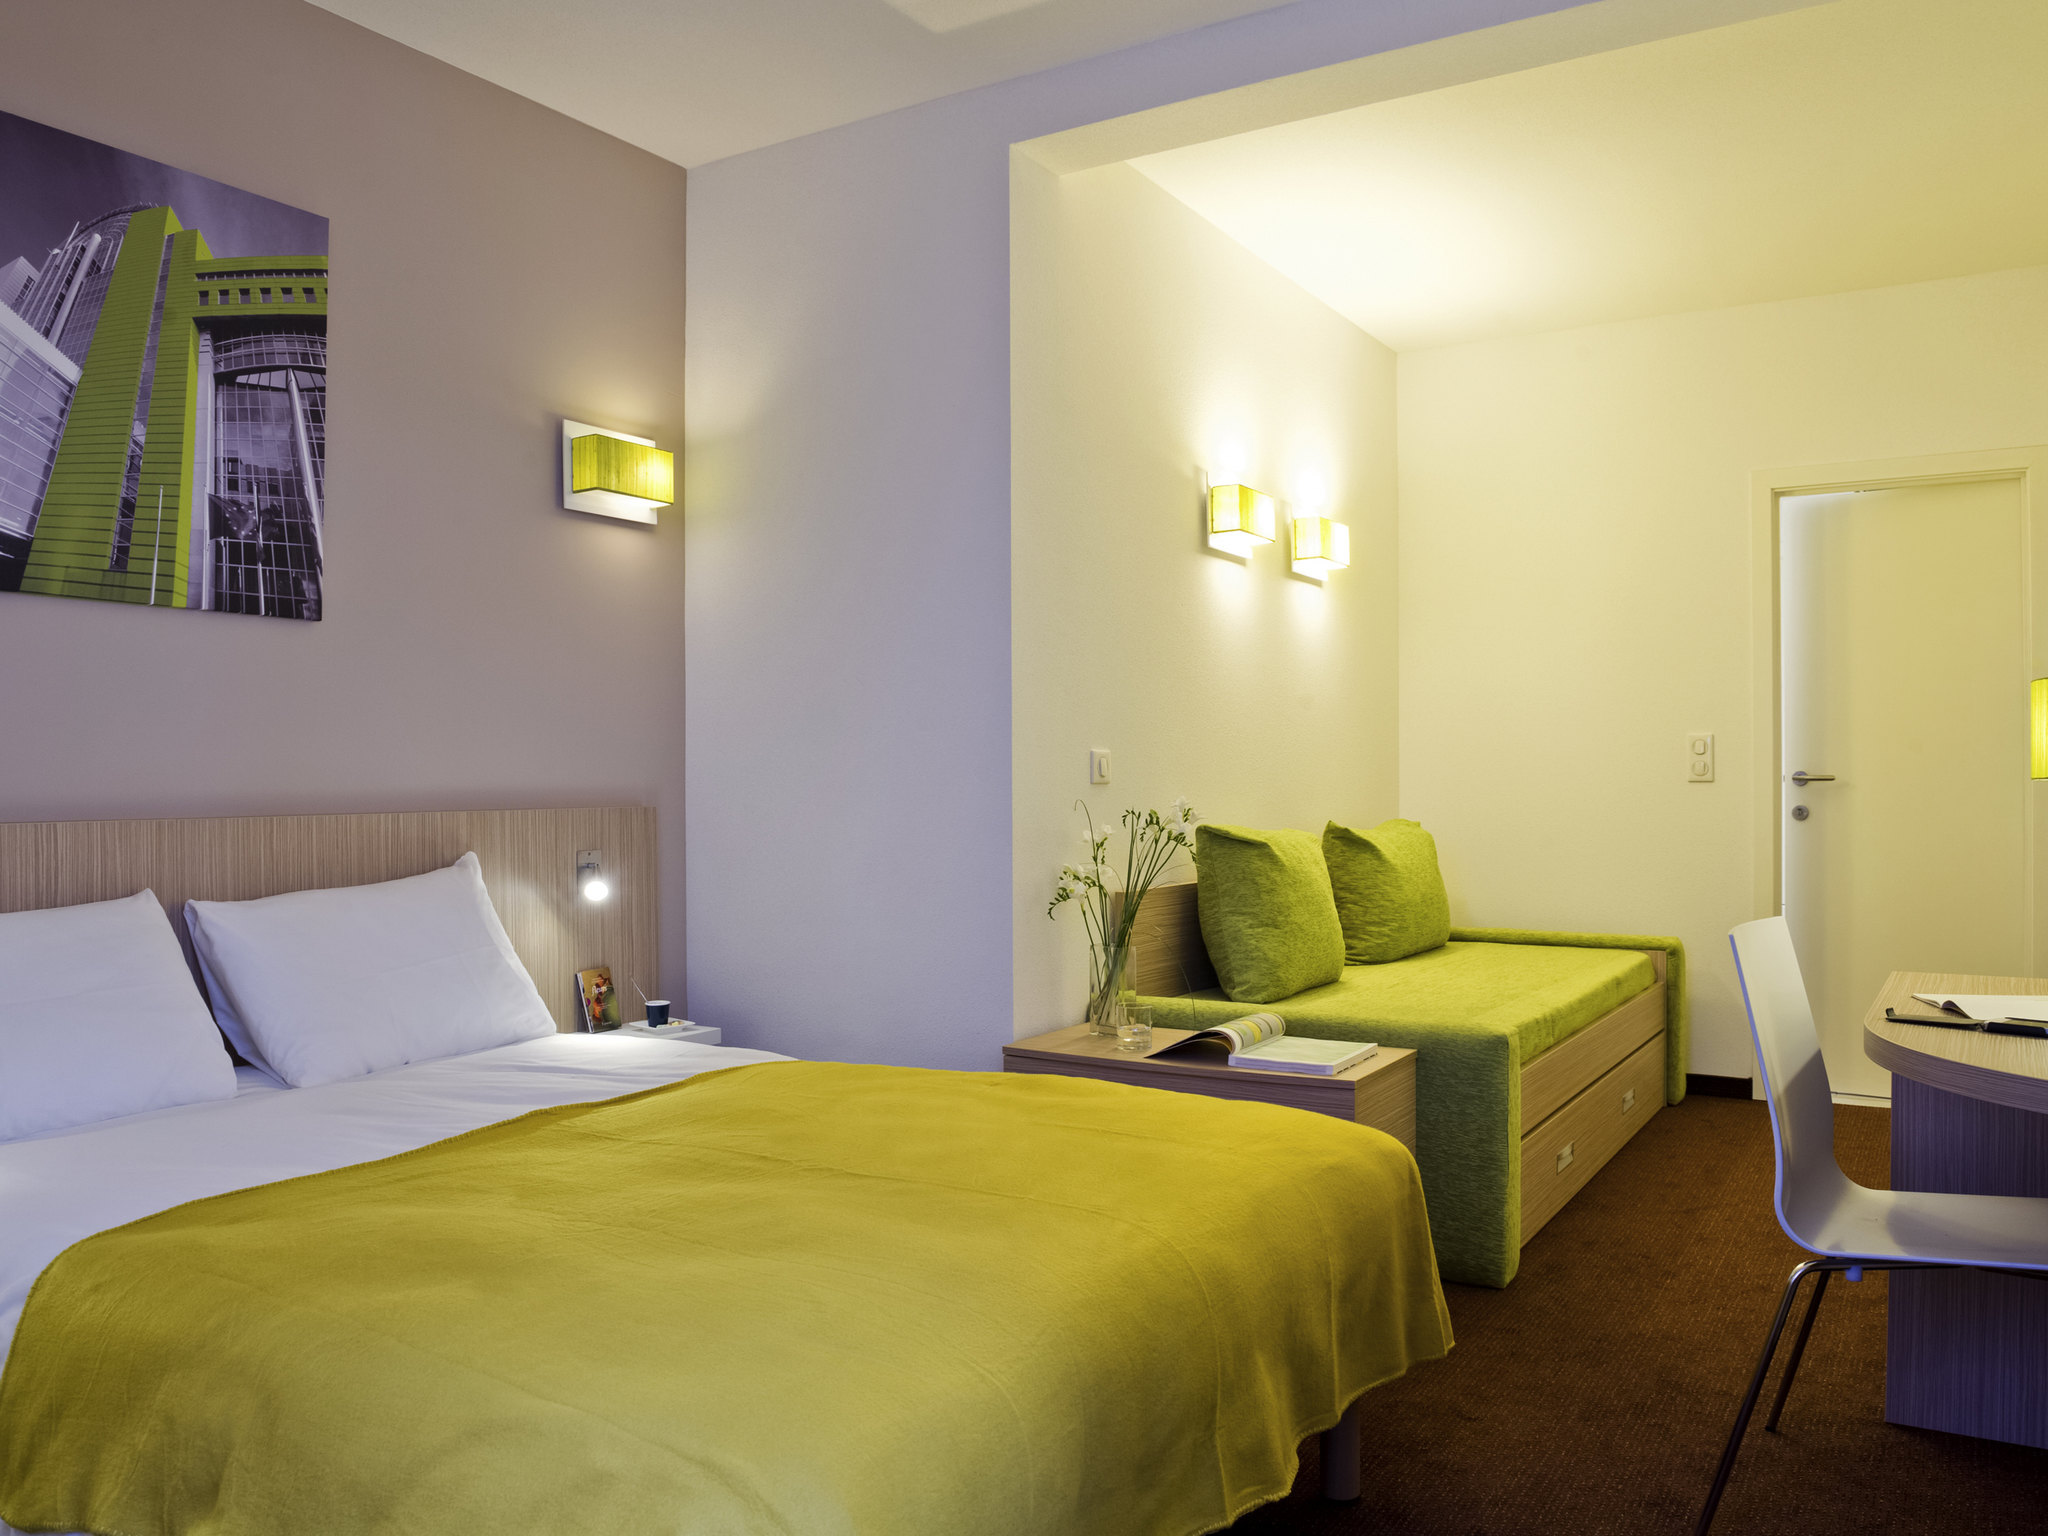 โรงแรม – อพาร์ทโฮเทล อดาจิโอ แอคเซส บรัสเซลส์ ยุโรป